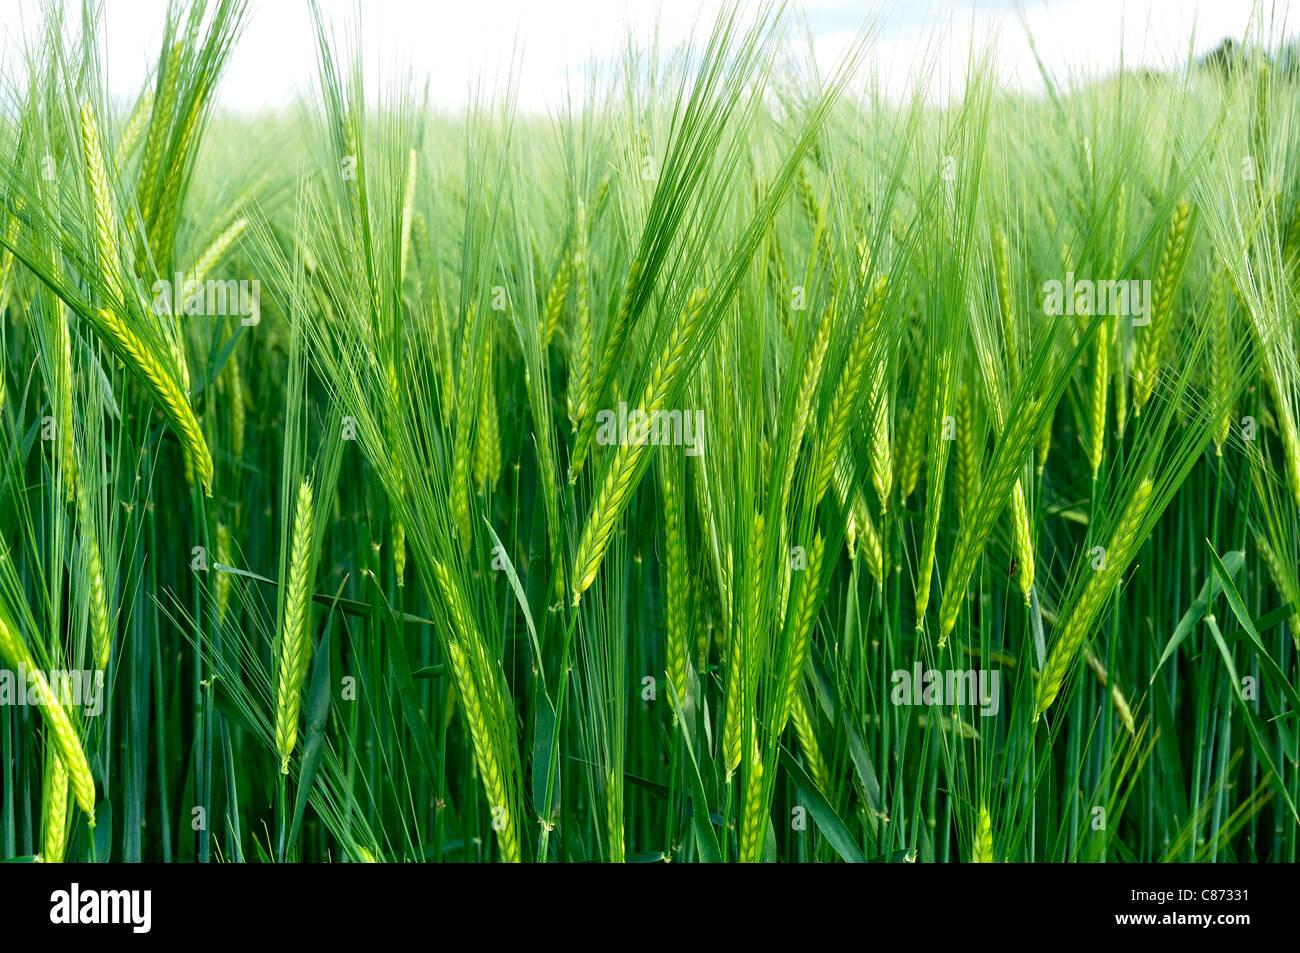 Campo de cebada (Hordeum sp) en primavera. Imagen De Stock